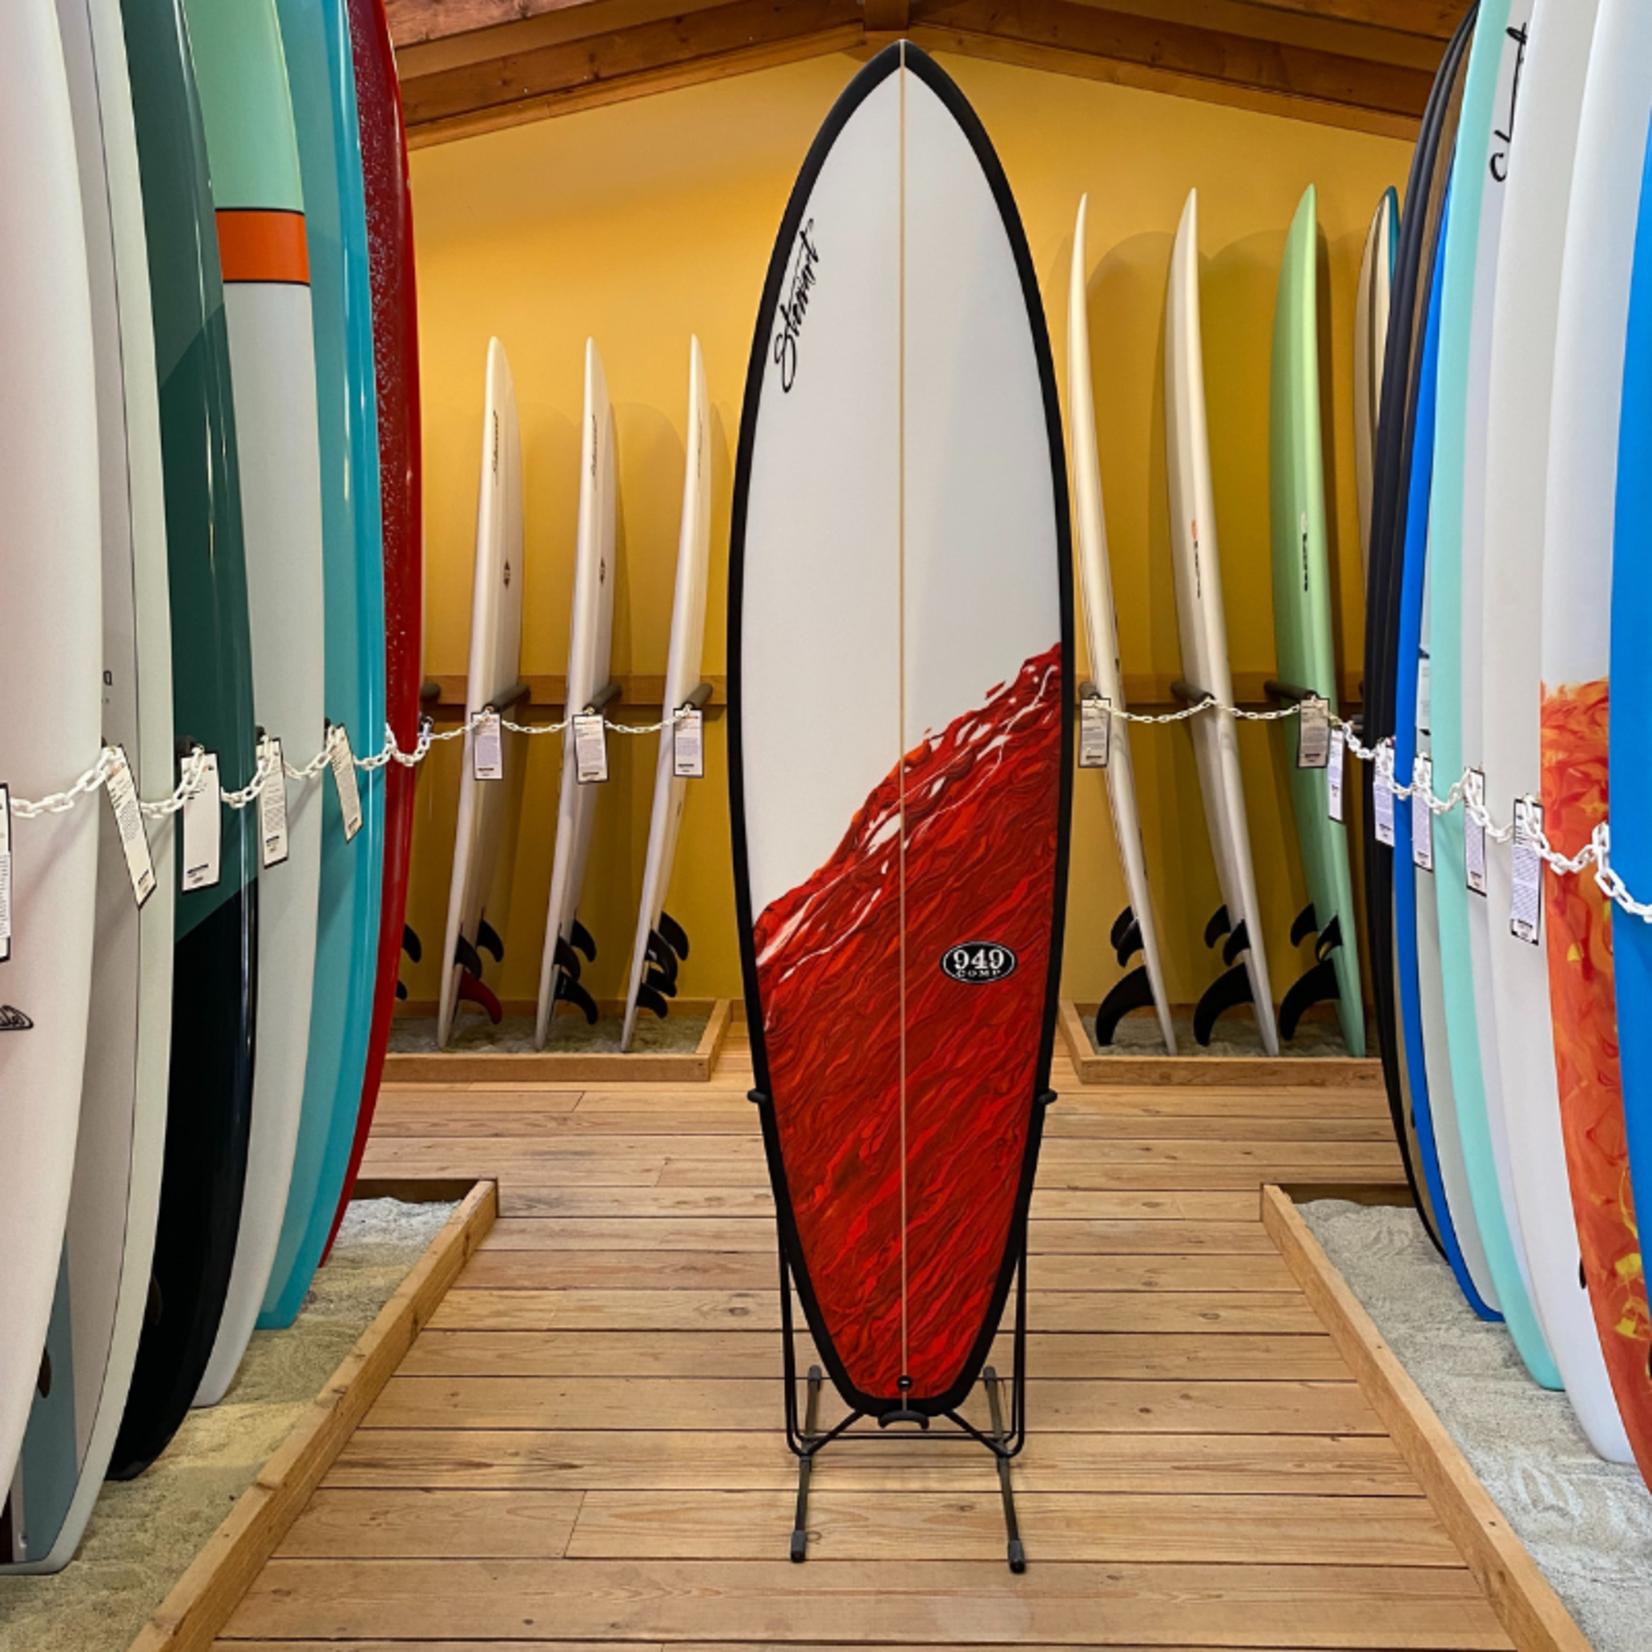 Stewart Surfboards 7'0 Stewart (949) Comp #120123*